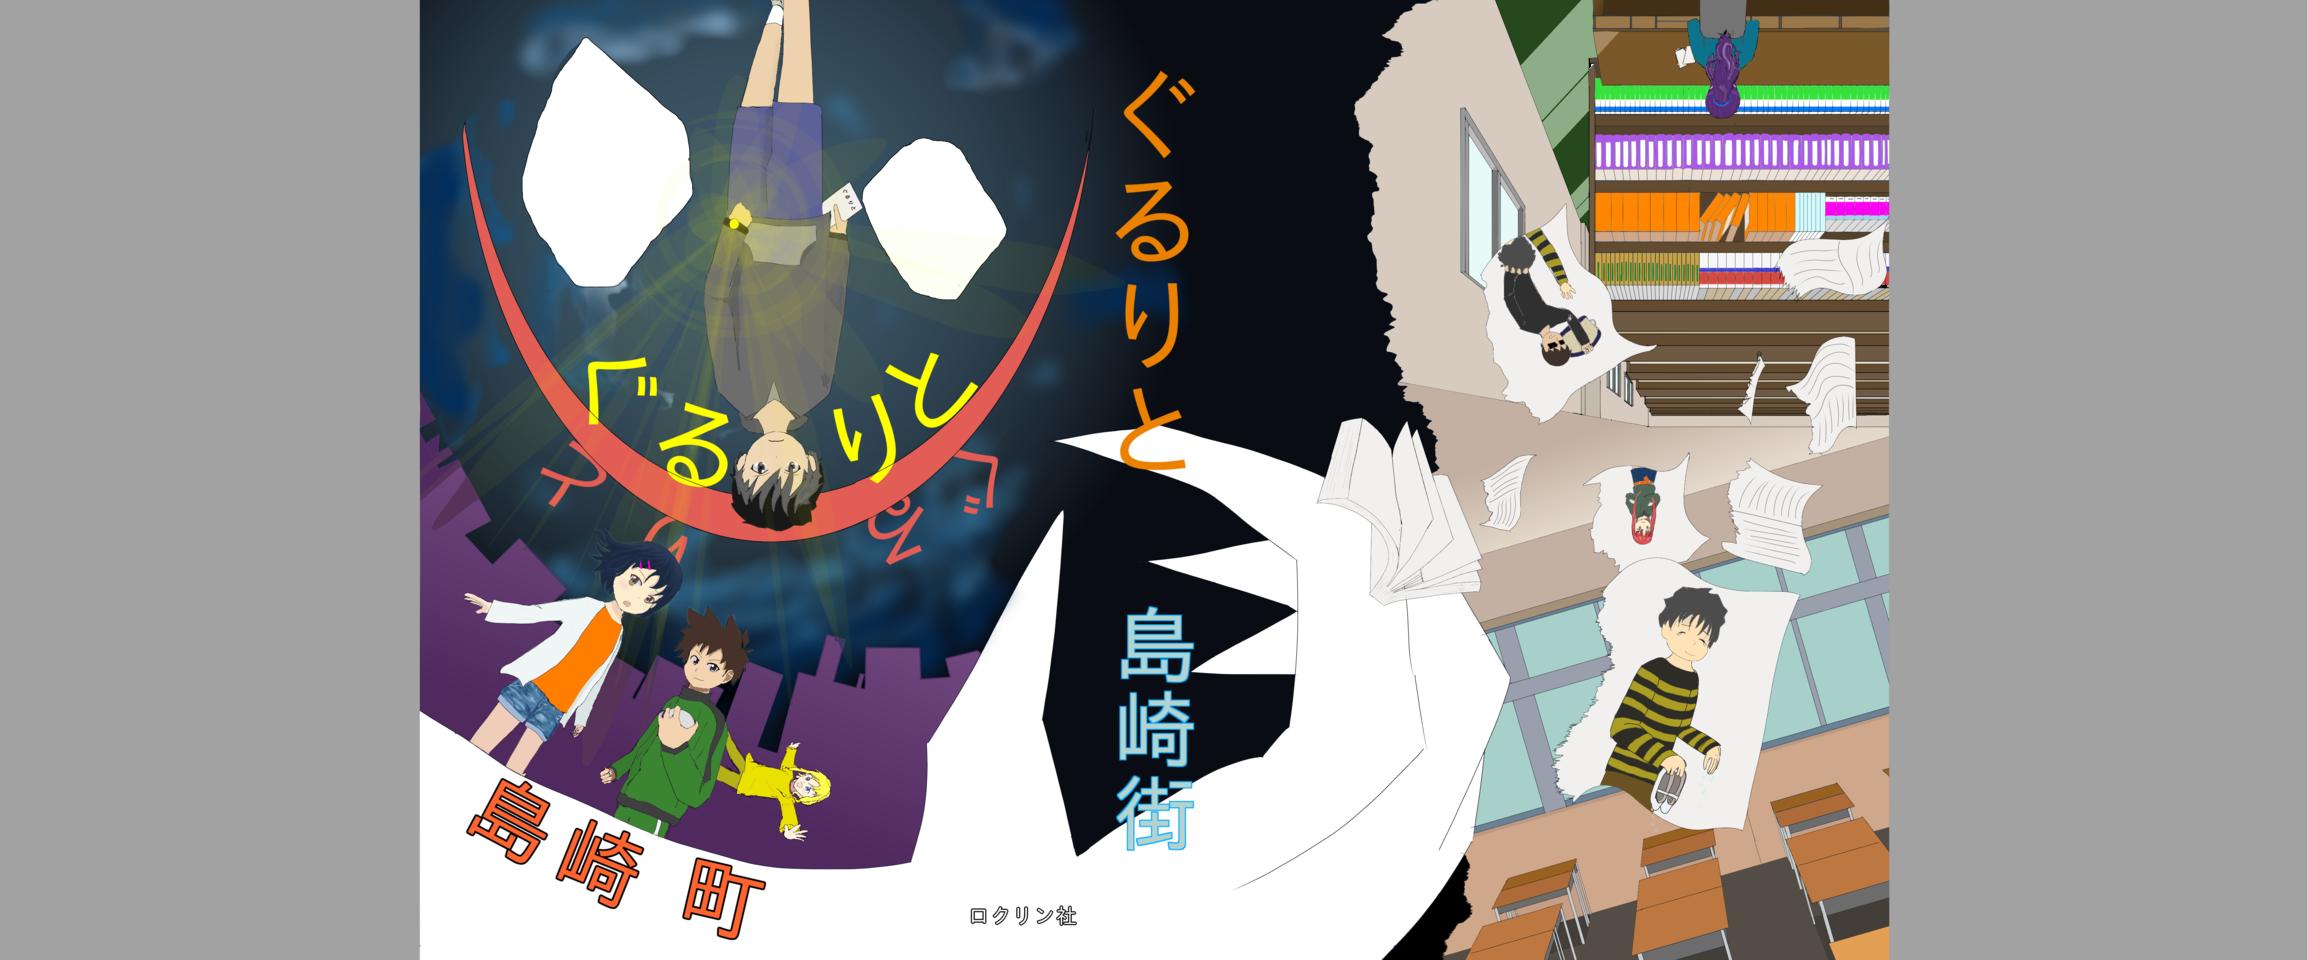 ぐるりと Illust of コン Spinning_contest